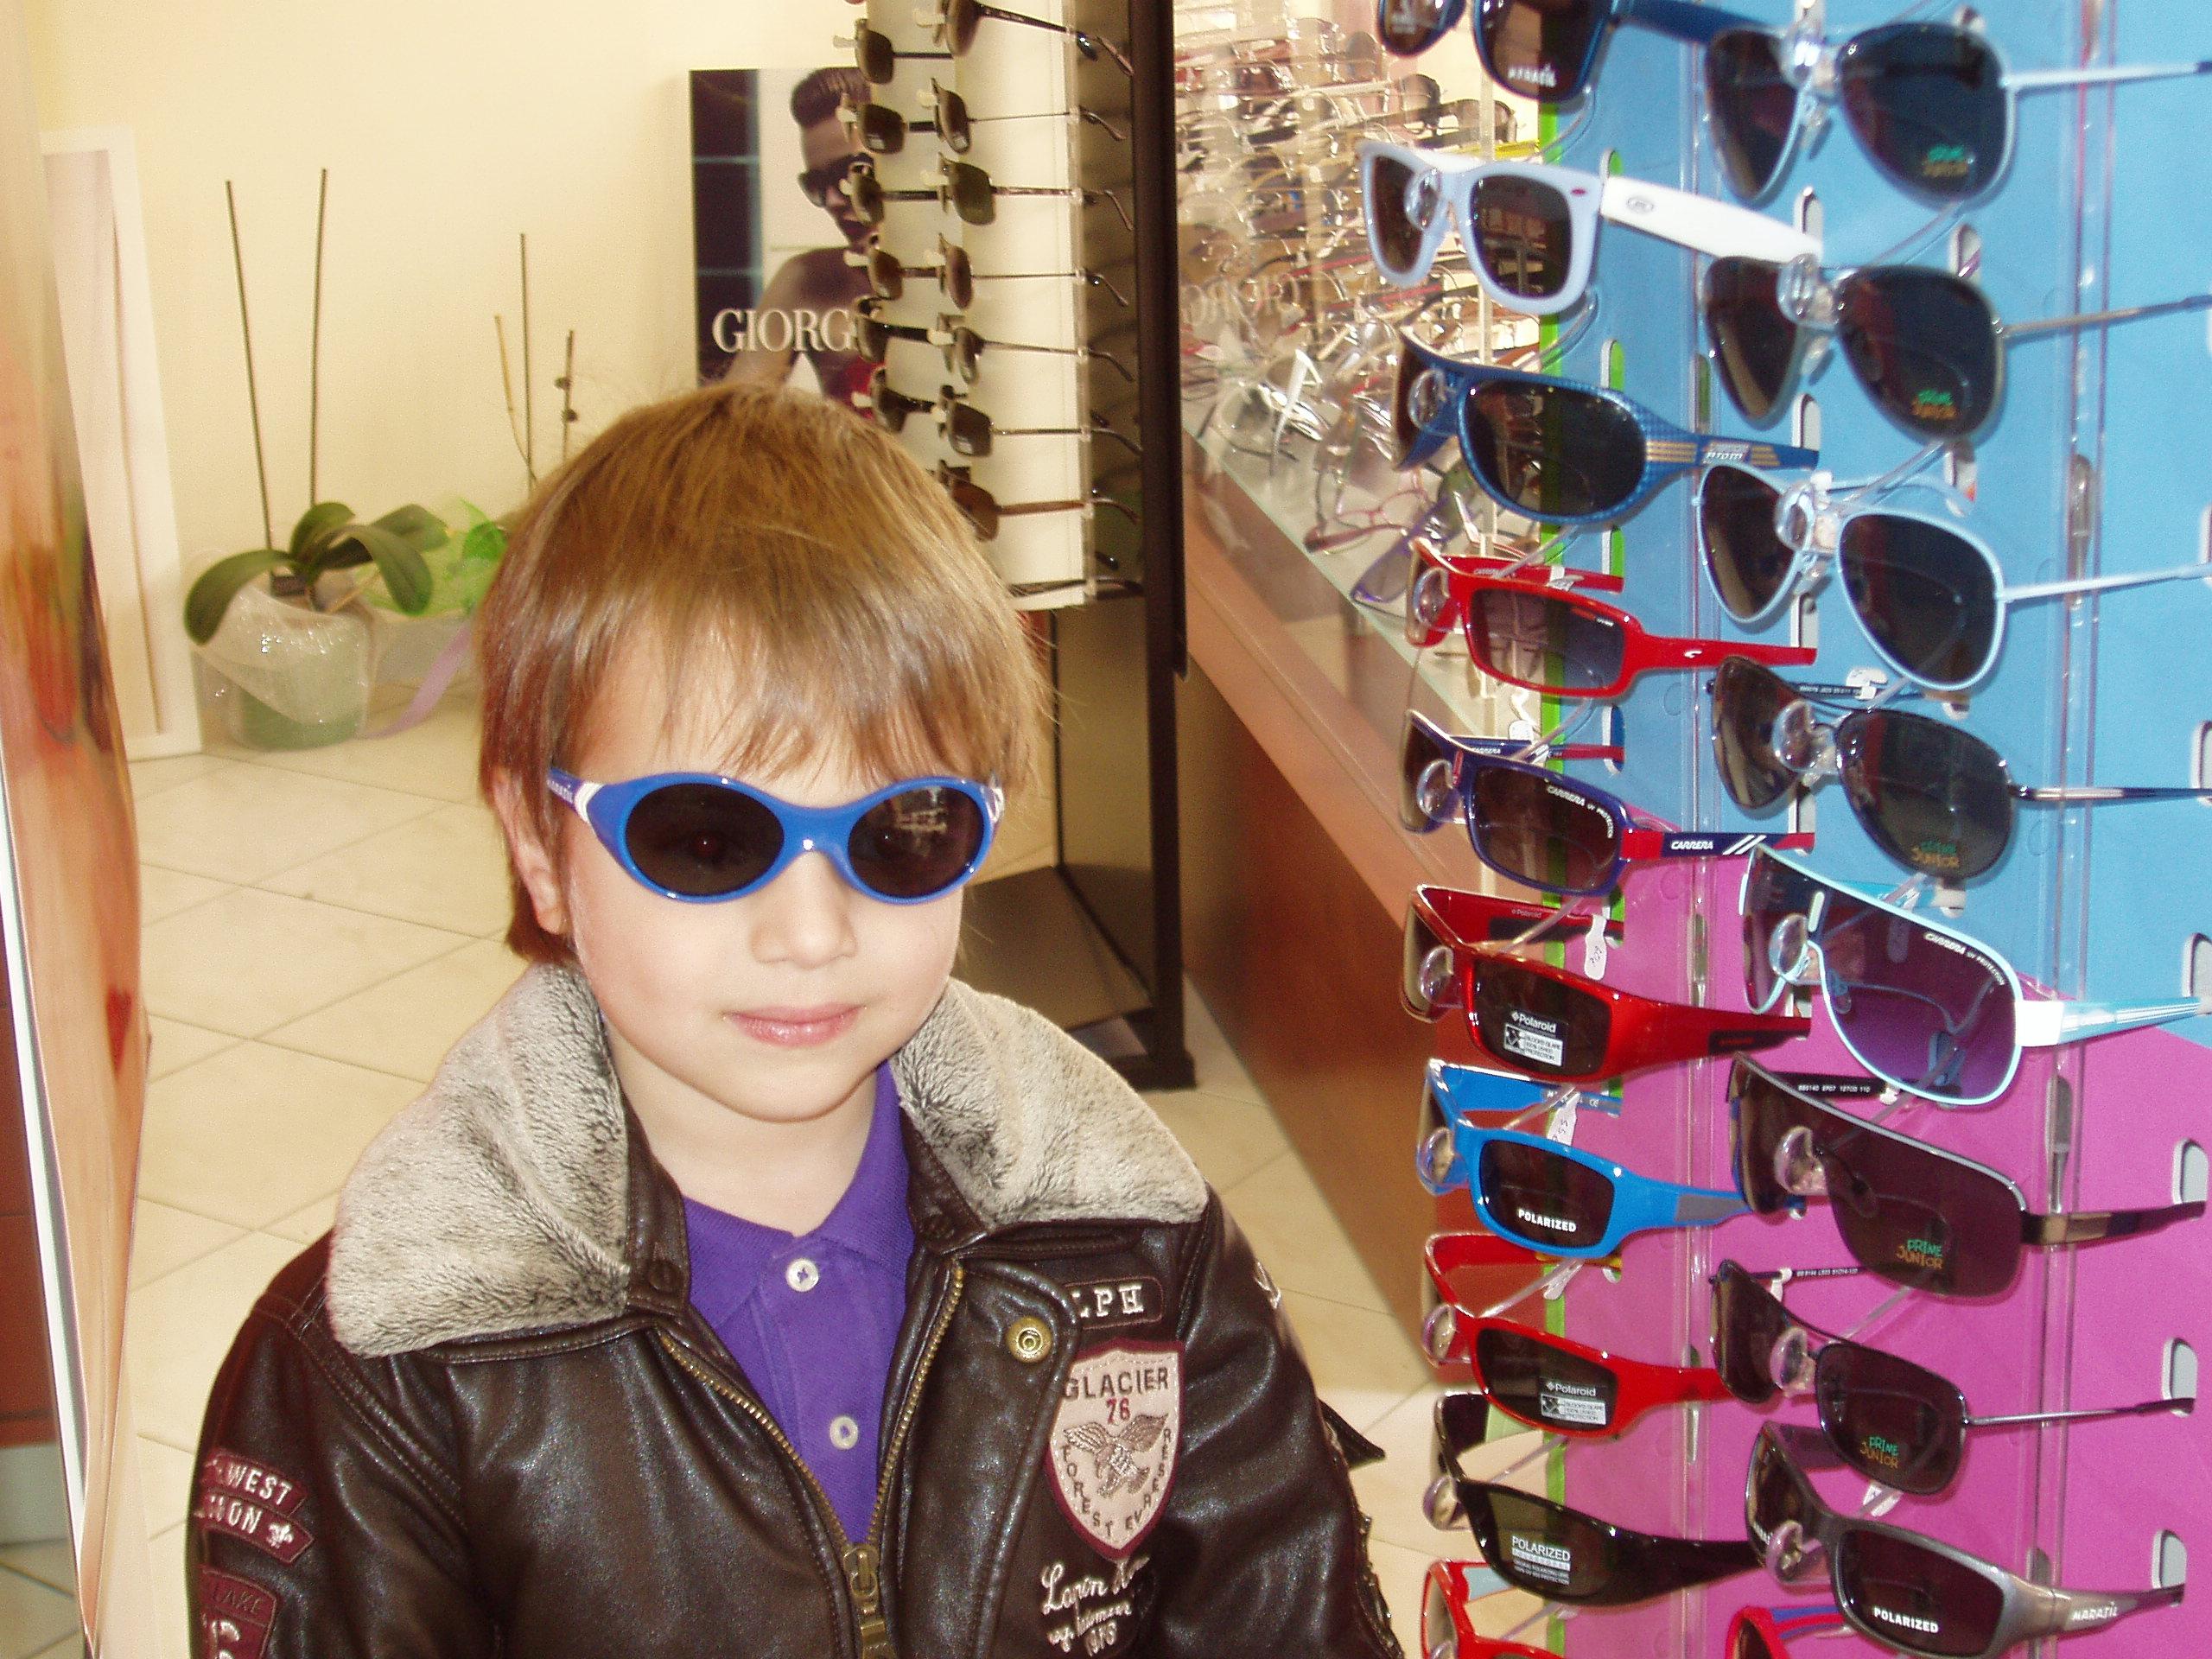 Προστασία των ματιών από τον ήλιο